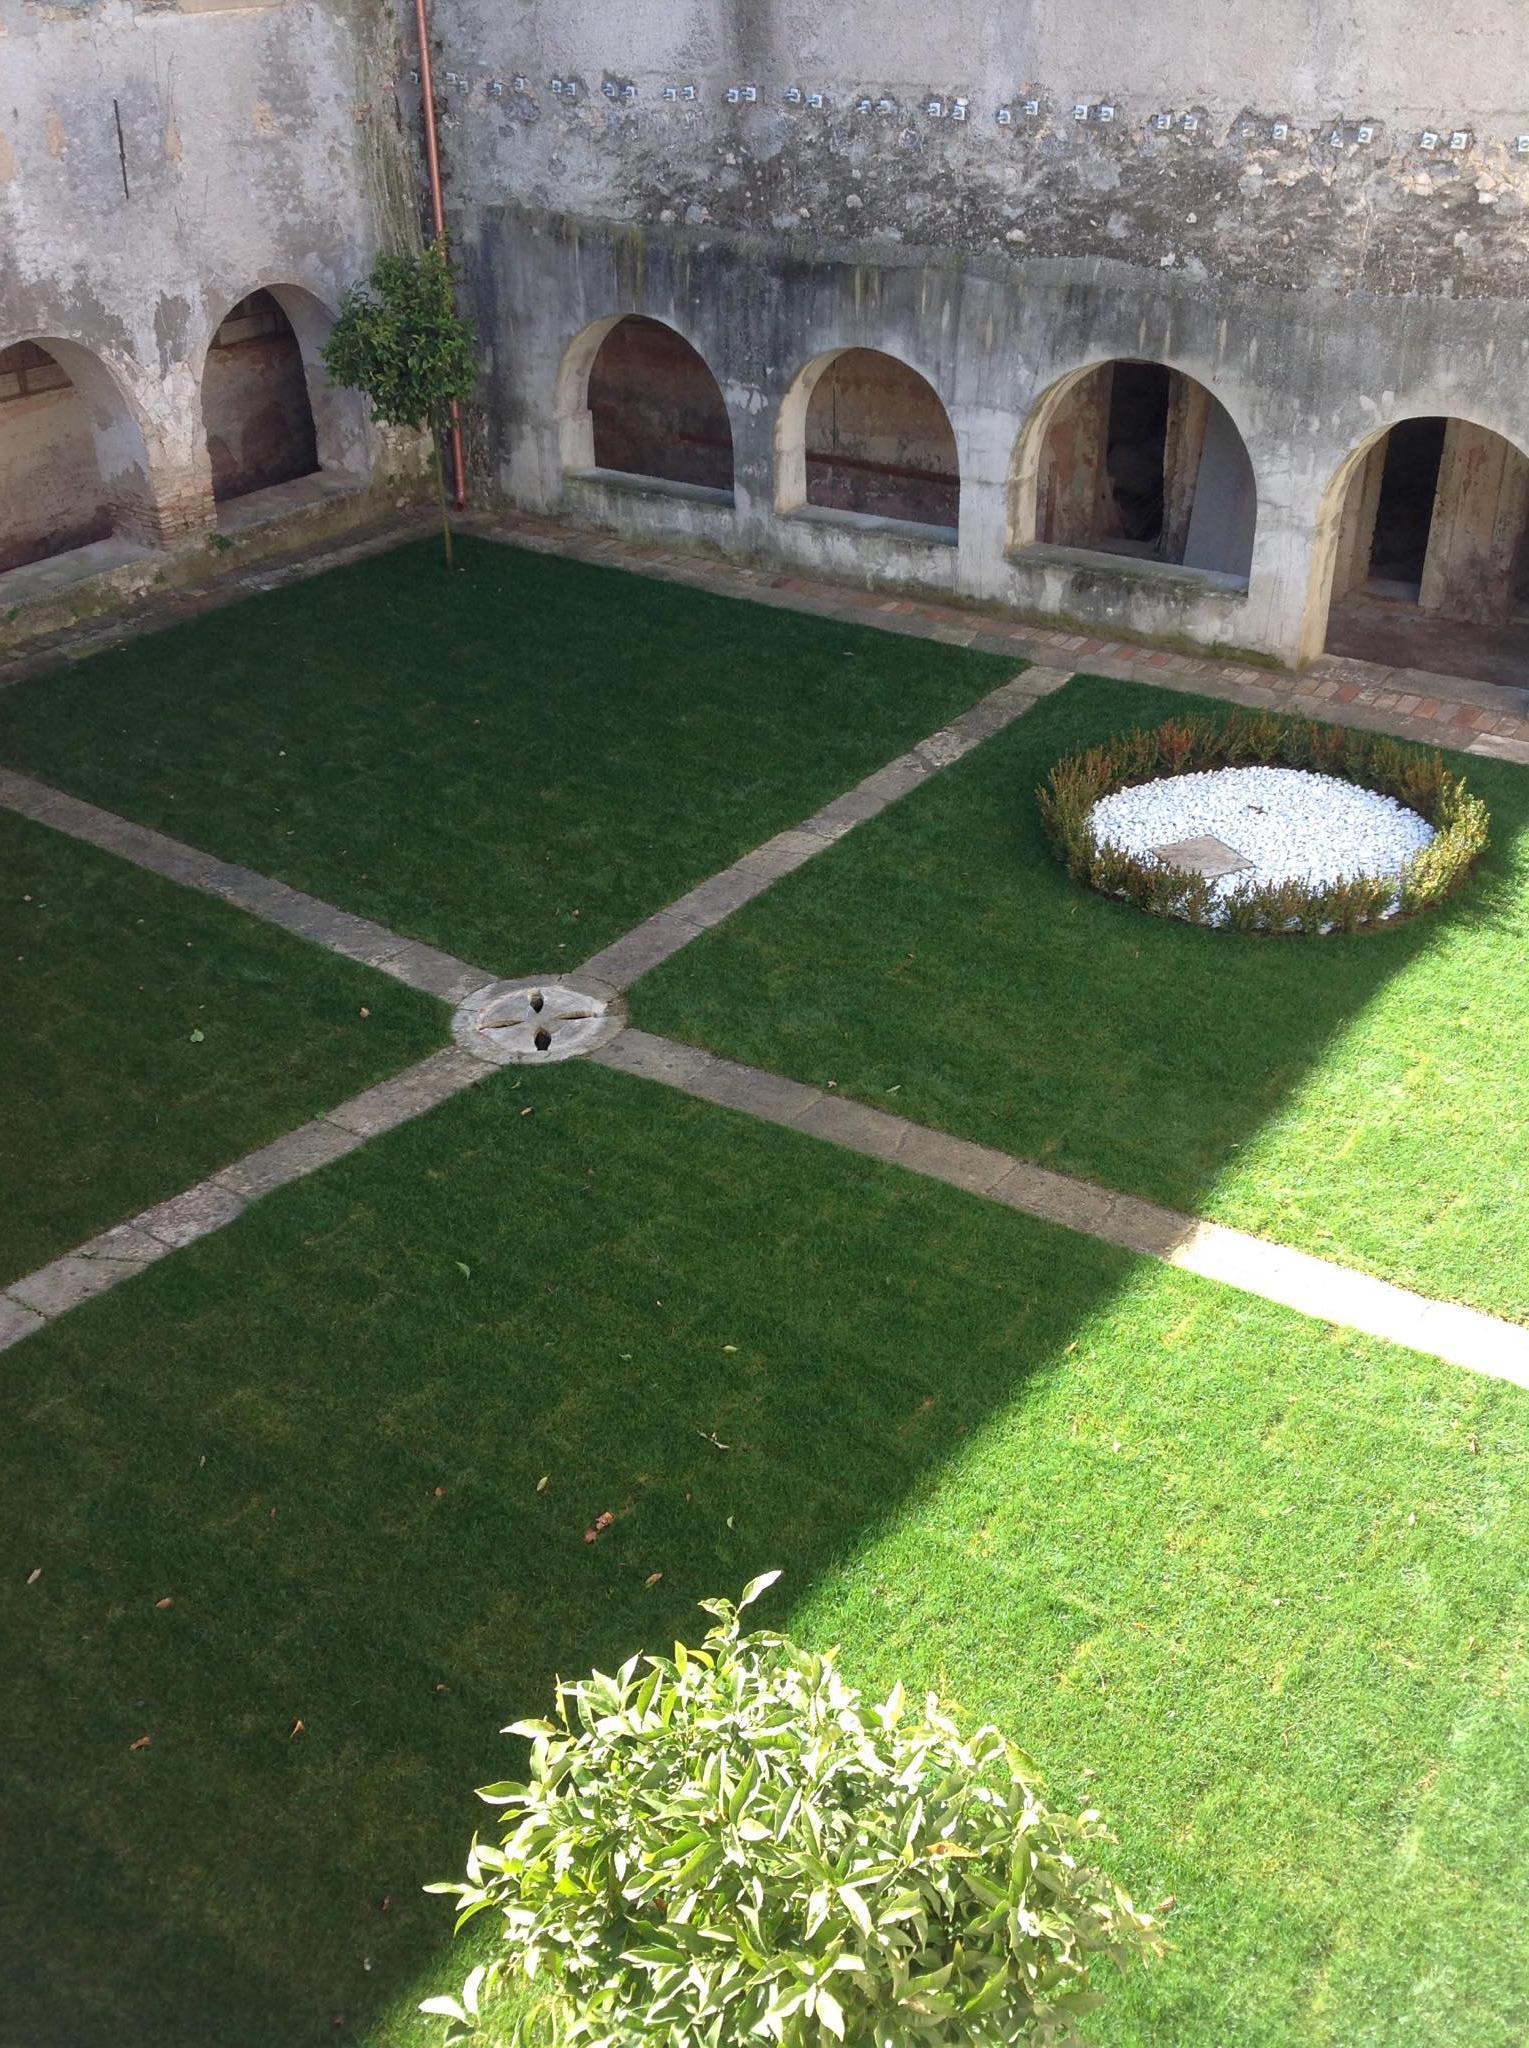 Sabato 14 riapre il Convento San Francesco a Palombara